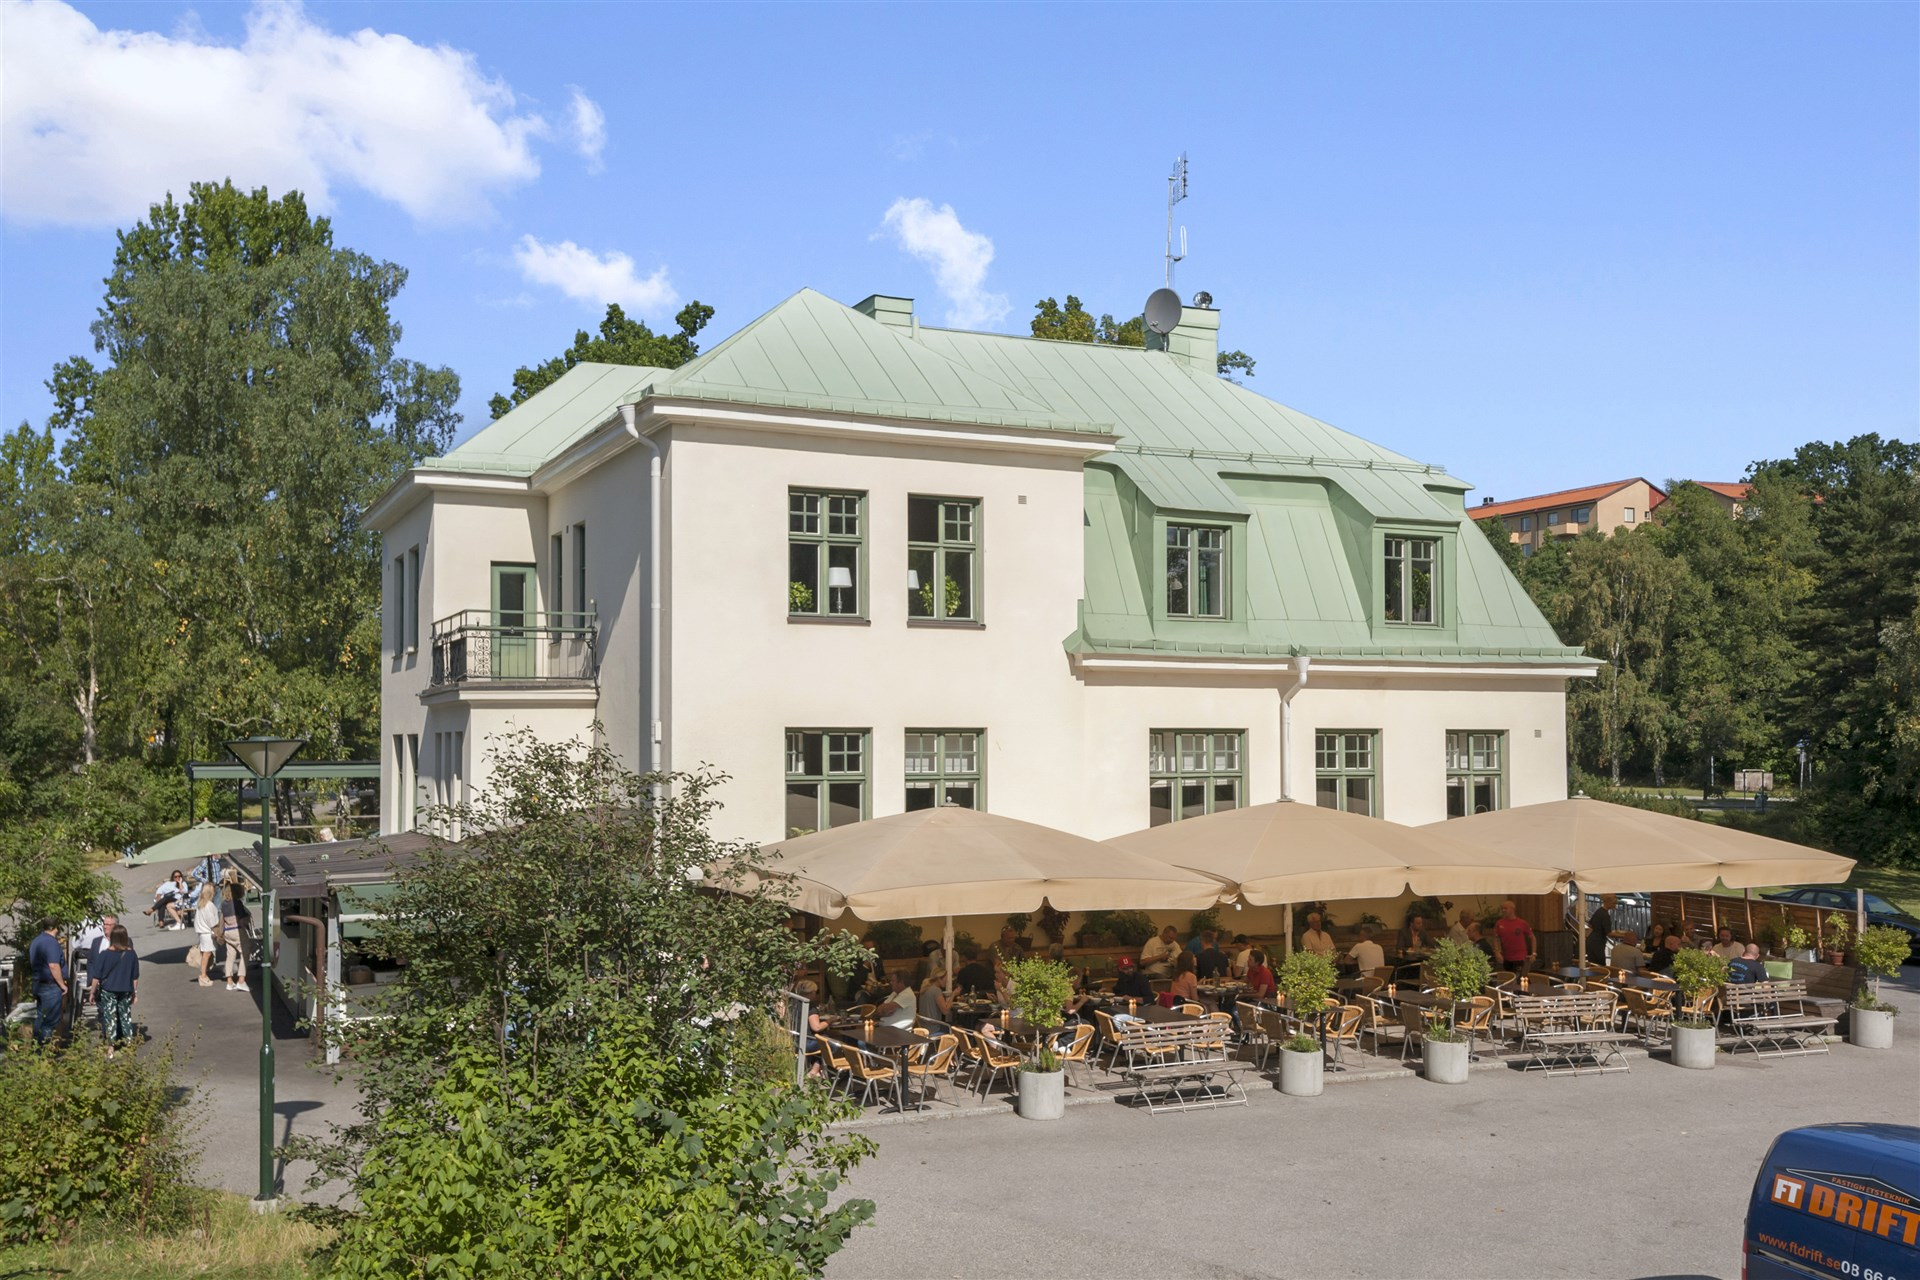 Populära Långbro värdshus lockar gäster från hela Stockholm